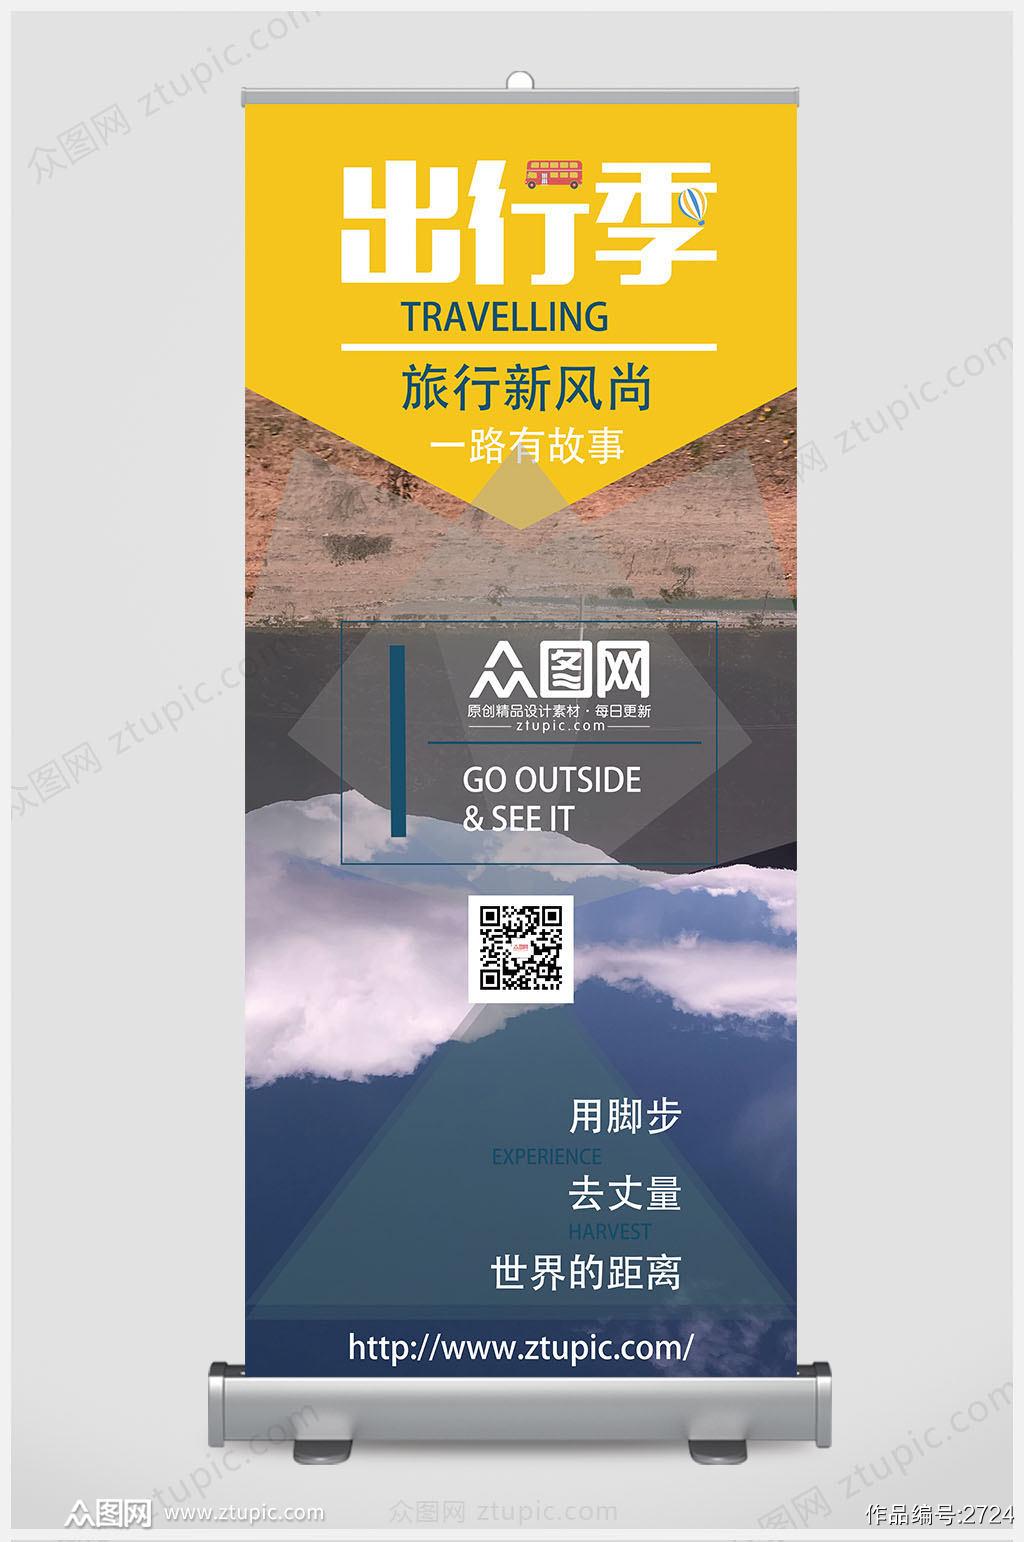 旅行社出行季X展架易拉宝旅游宣传图素材